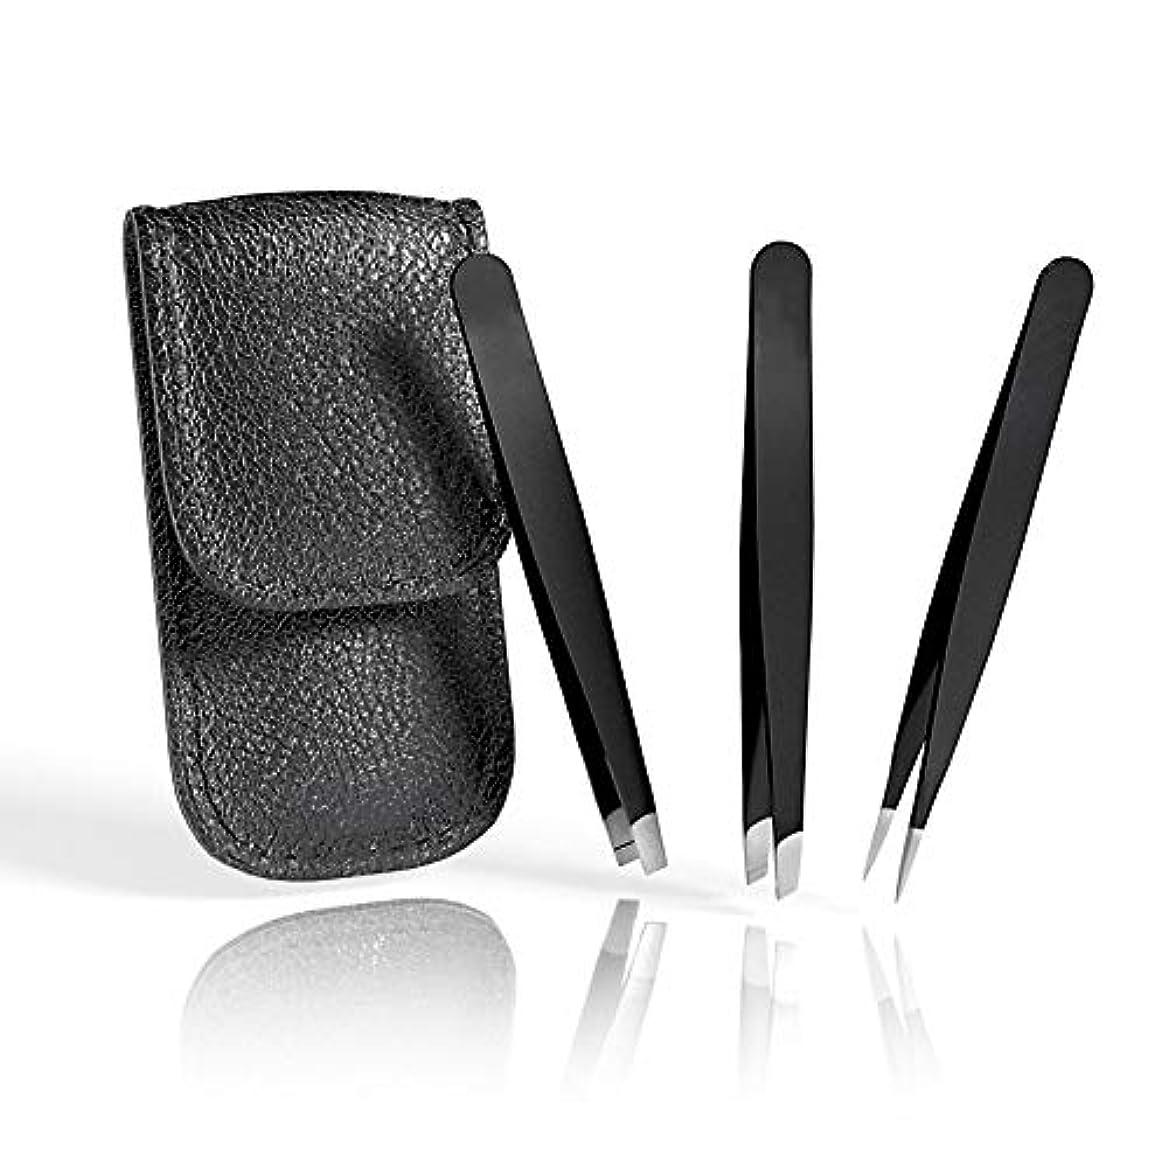 小包頬検閲毛抜き レザーケース付 高級ステンレス製 ピンセット 処理 3セット ブラック